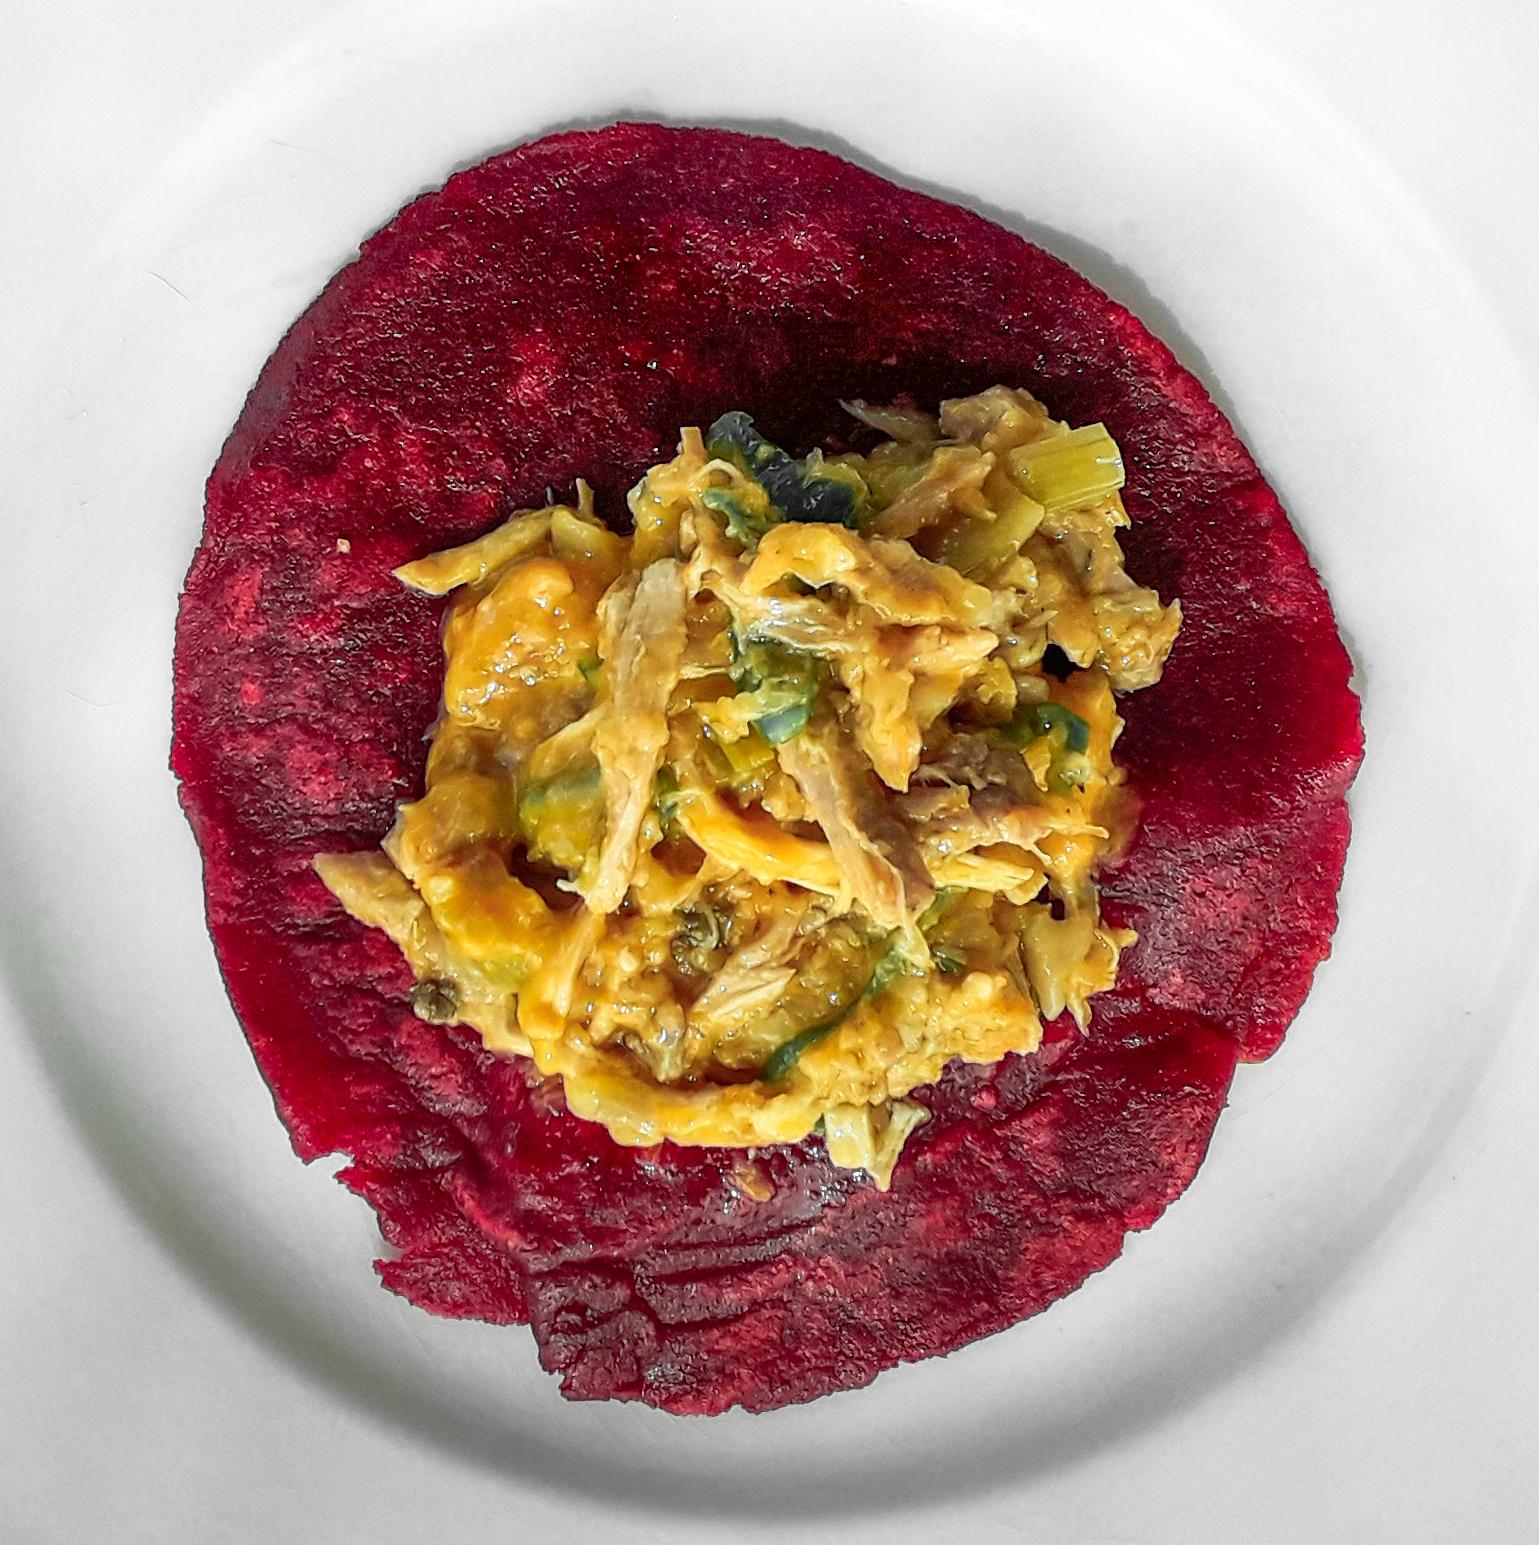 Receta Tacos Remolacha Sin Gluten Relenos Tinga Pollo Afuegolento 3